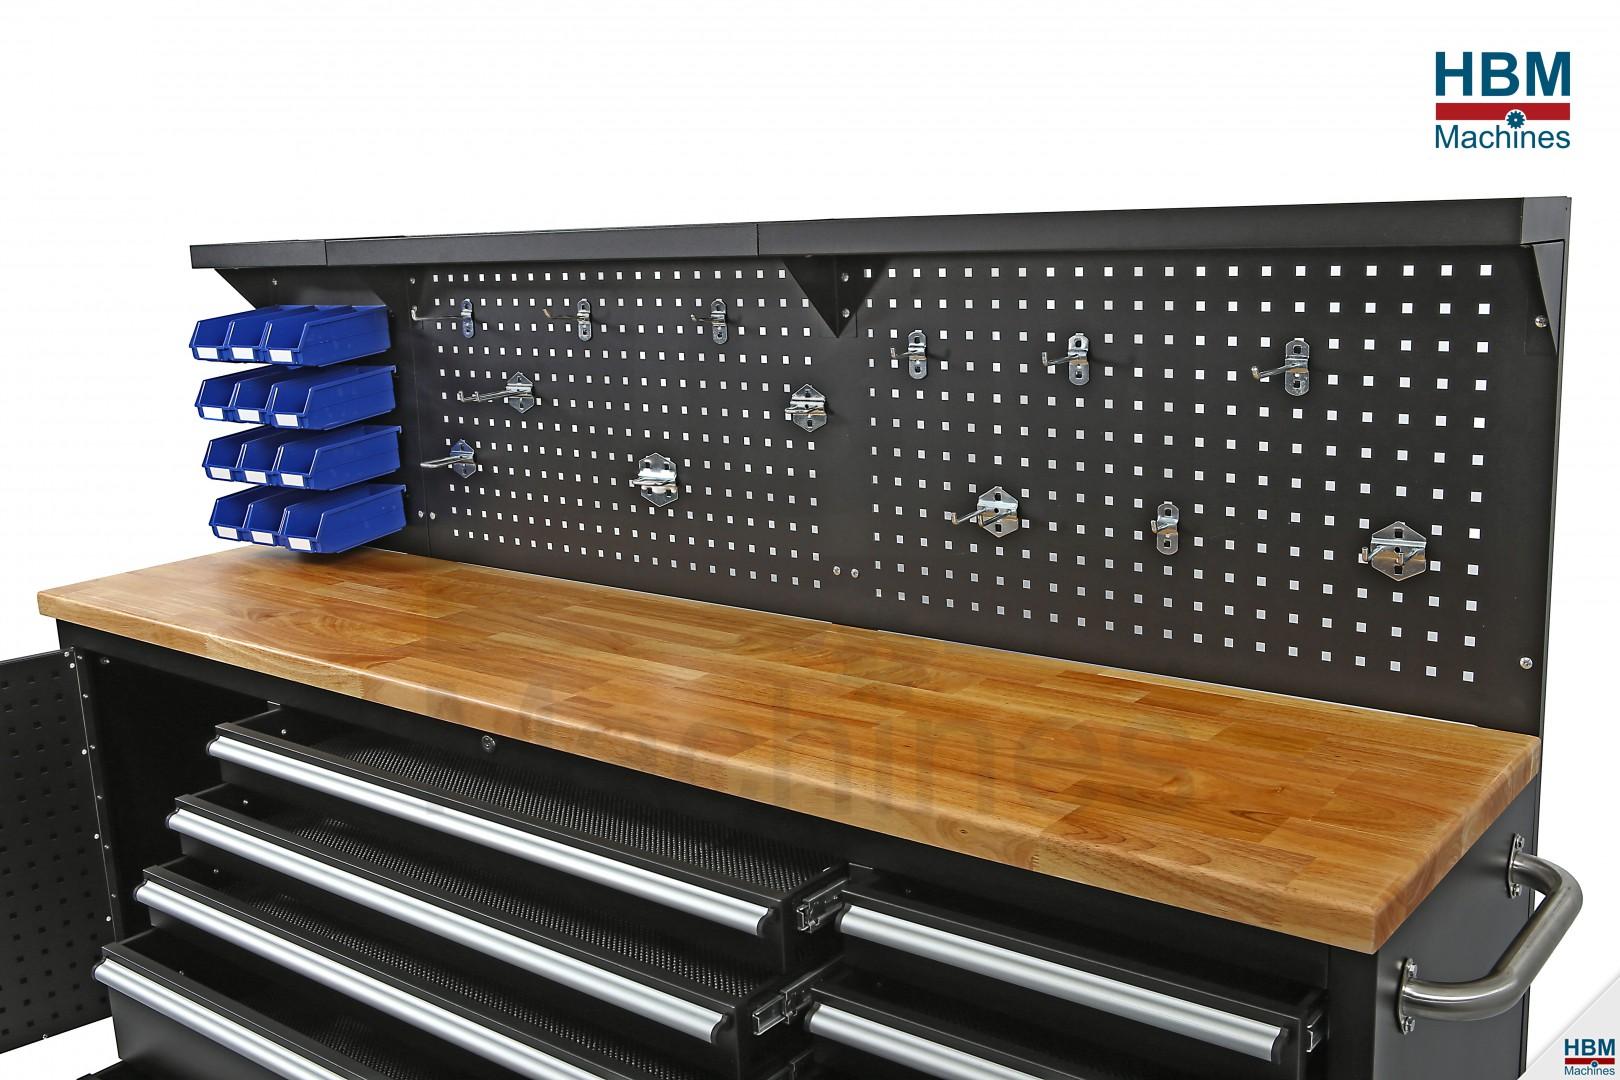 hbm 215 cm gereedschapswagen werkbank met houten werkblad incl achterwand. Black Bedroom Furniture Sets. Home Design Ideas